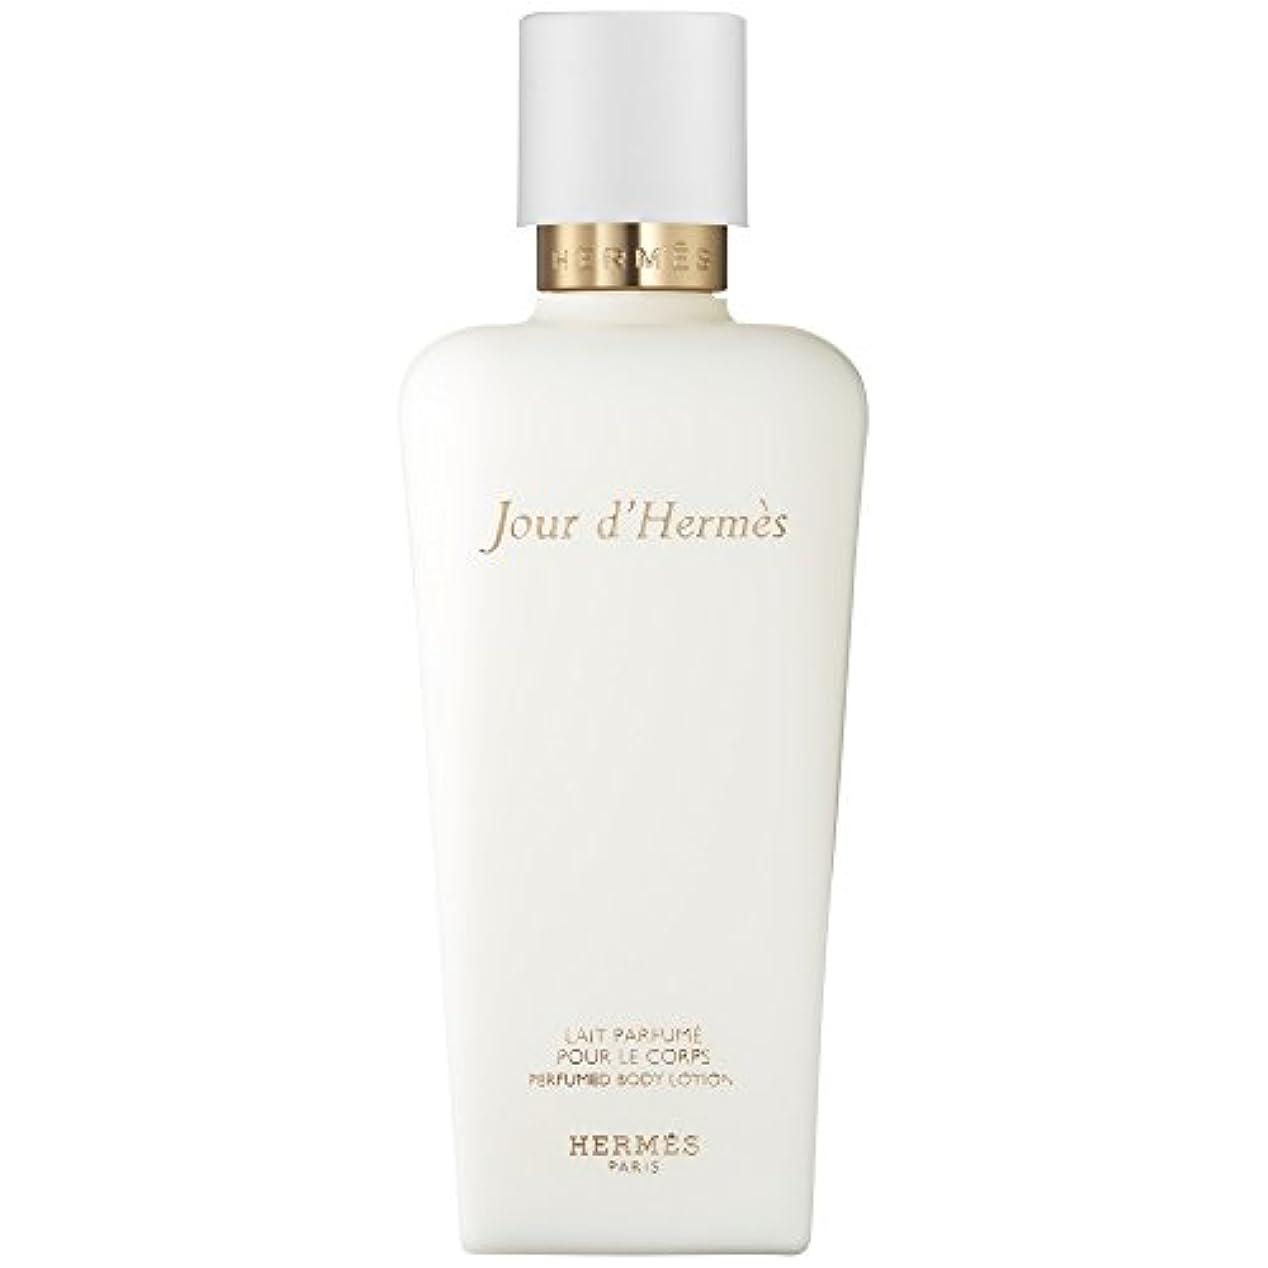 等々証拠浸透するエルメスJourのドールエルメス賦香ボディローション200ミリリットル (HERM?S) (x6) - HERM?S Jour d'Herm?s Perfumed Body Lotion 200ml (Pack of 6) [並行輸入品]